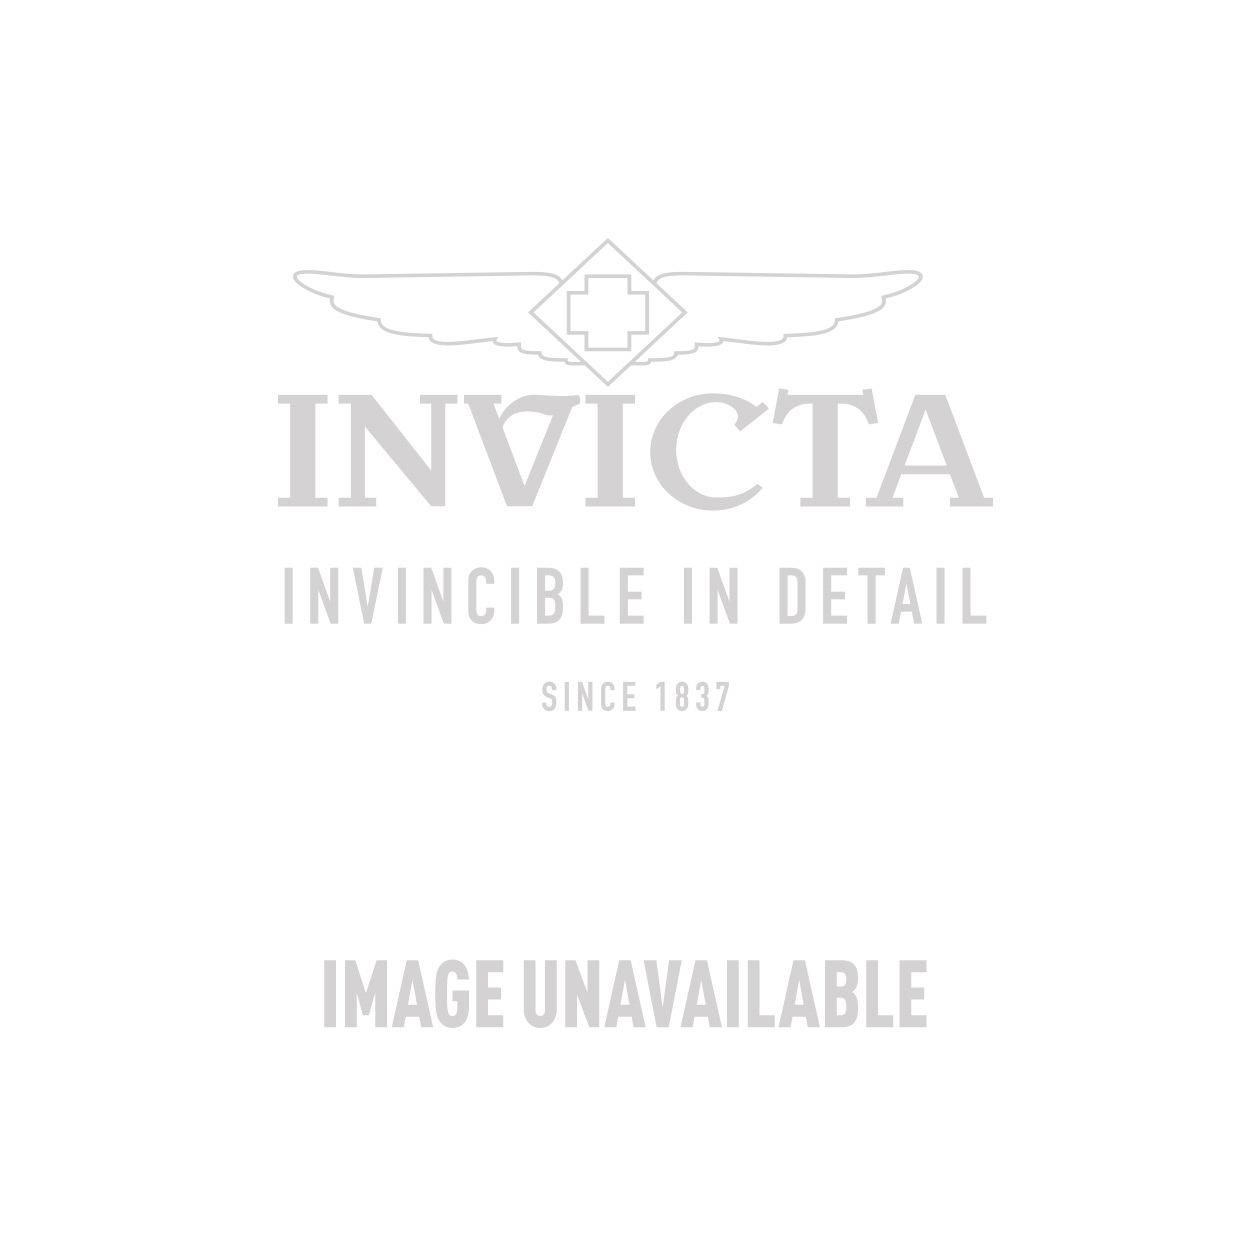 Invicta Model 28563